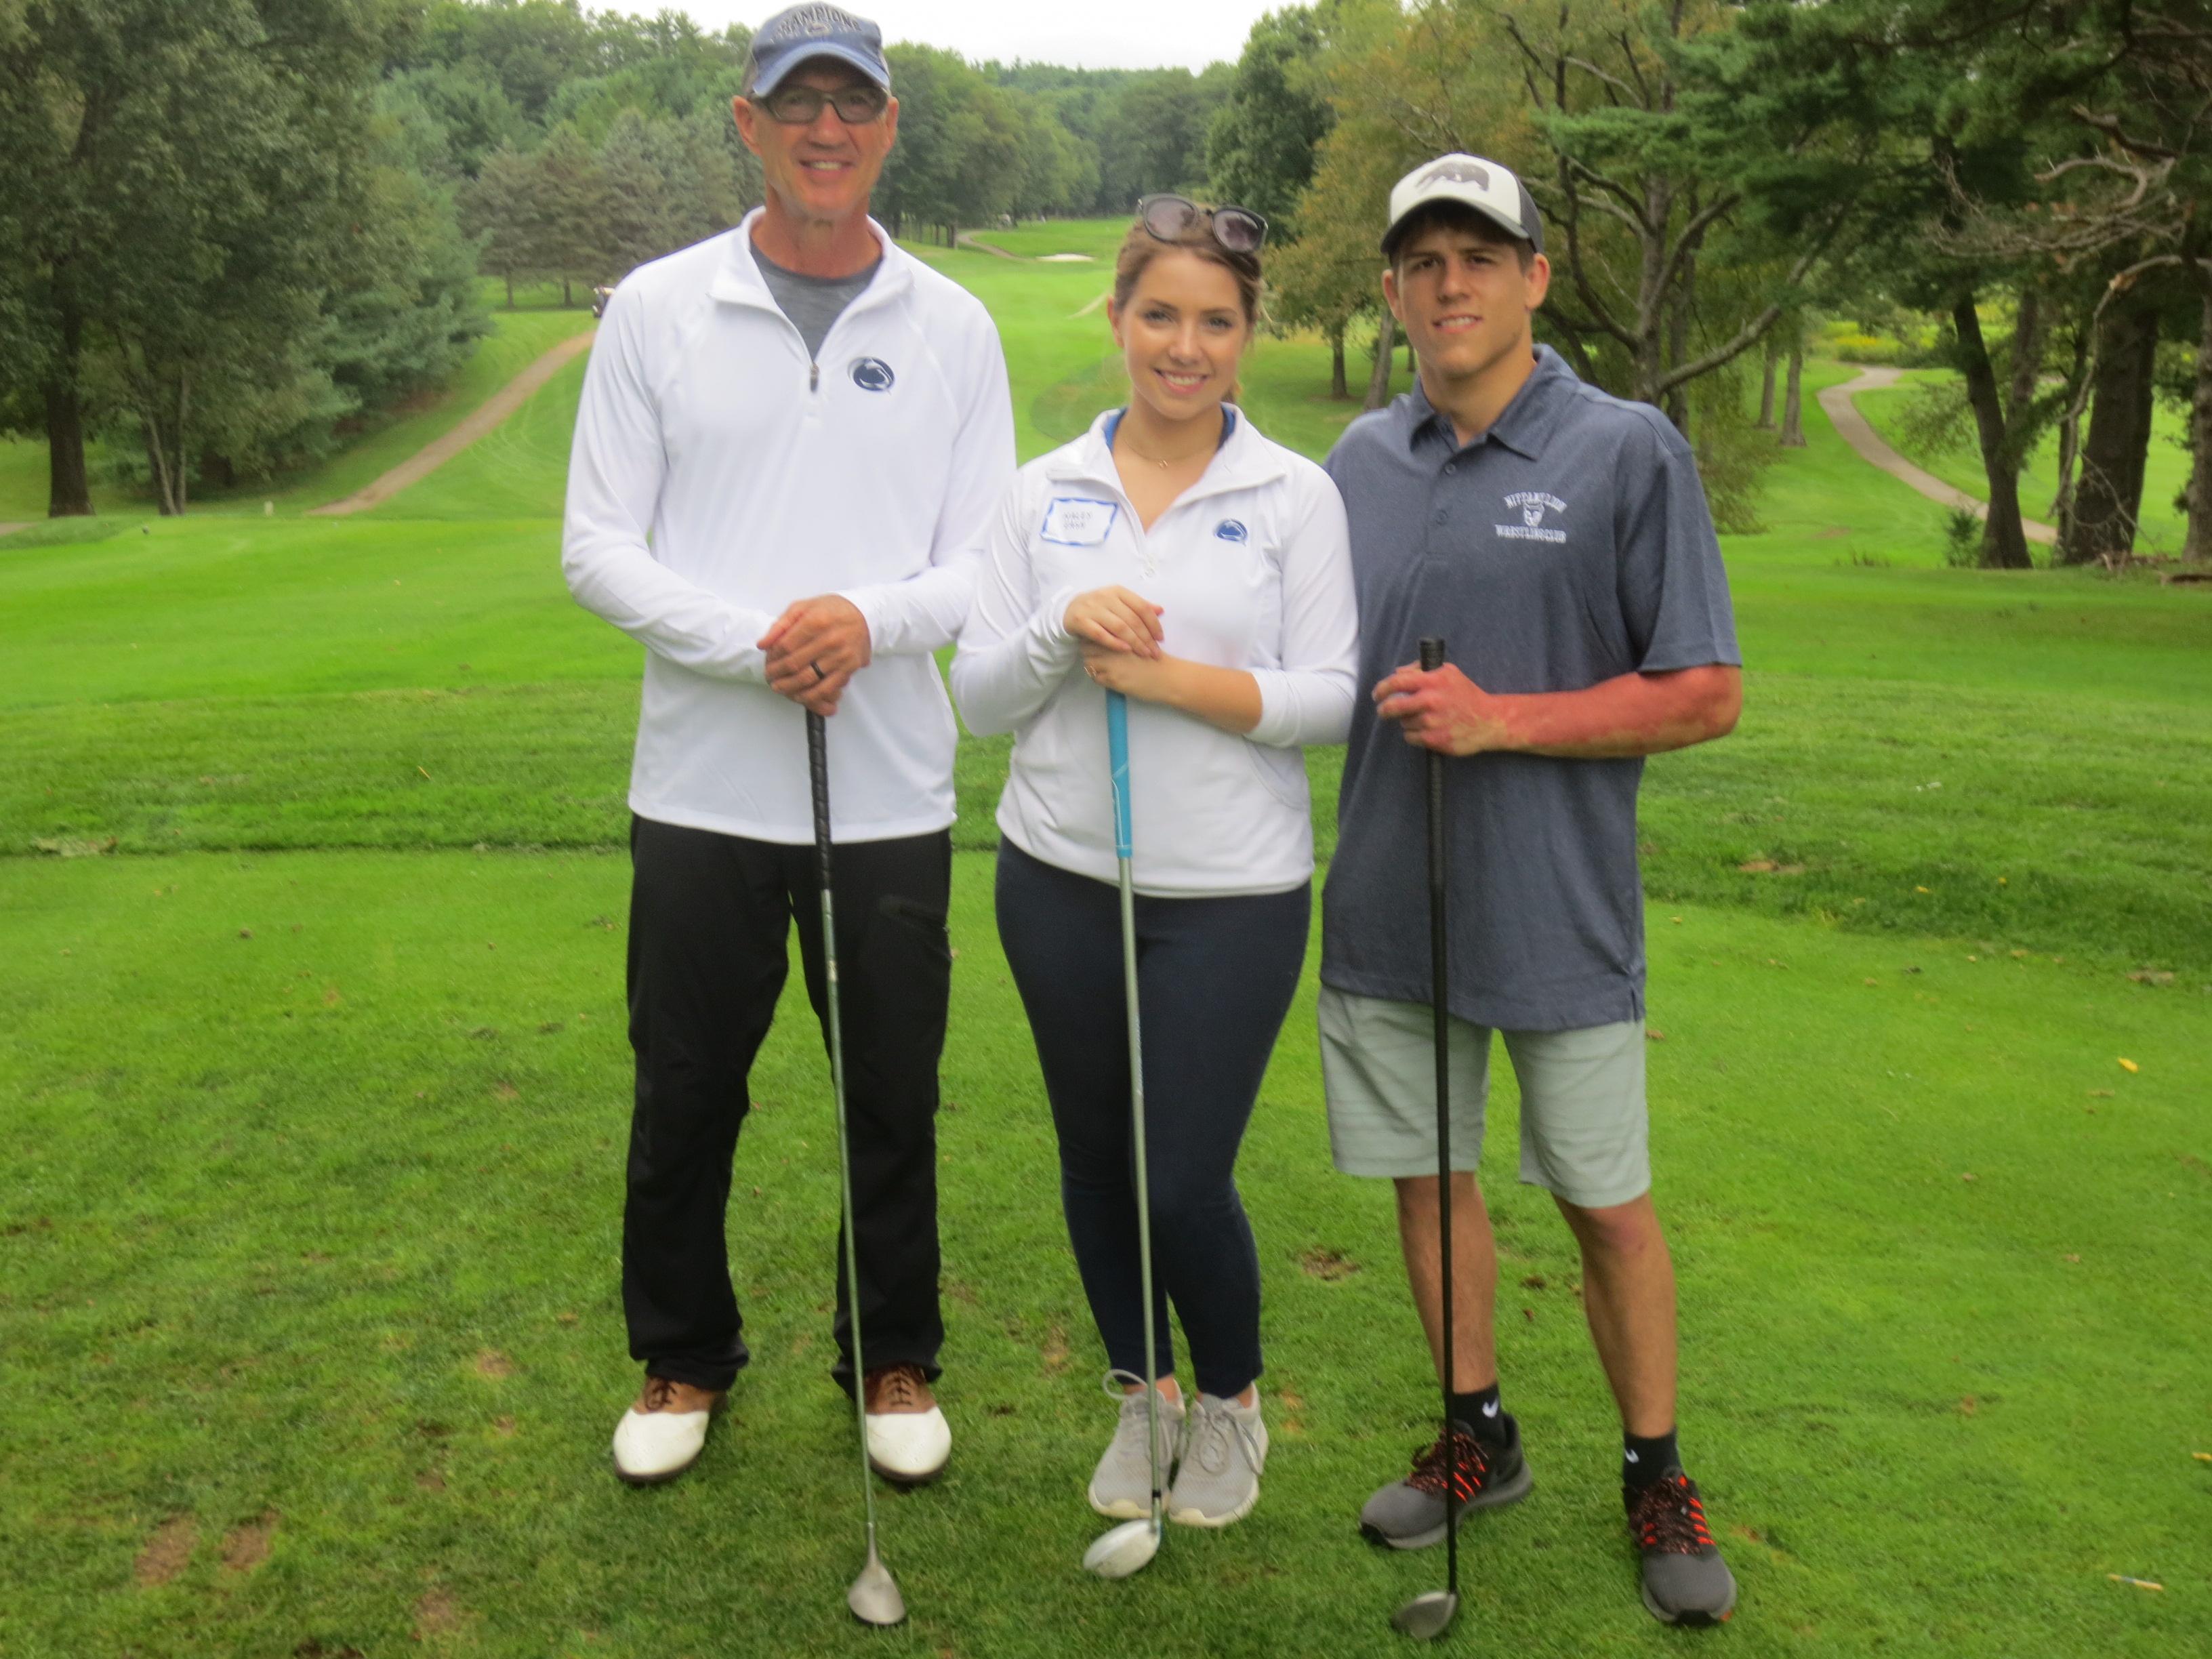 Stan Zeamer, Haley Eash, Jordan Conaway